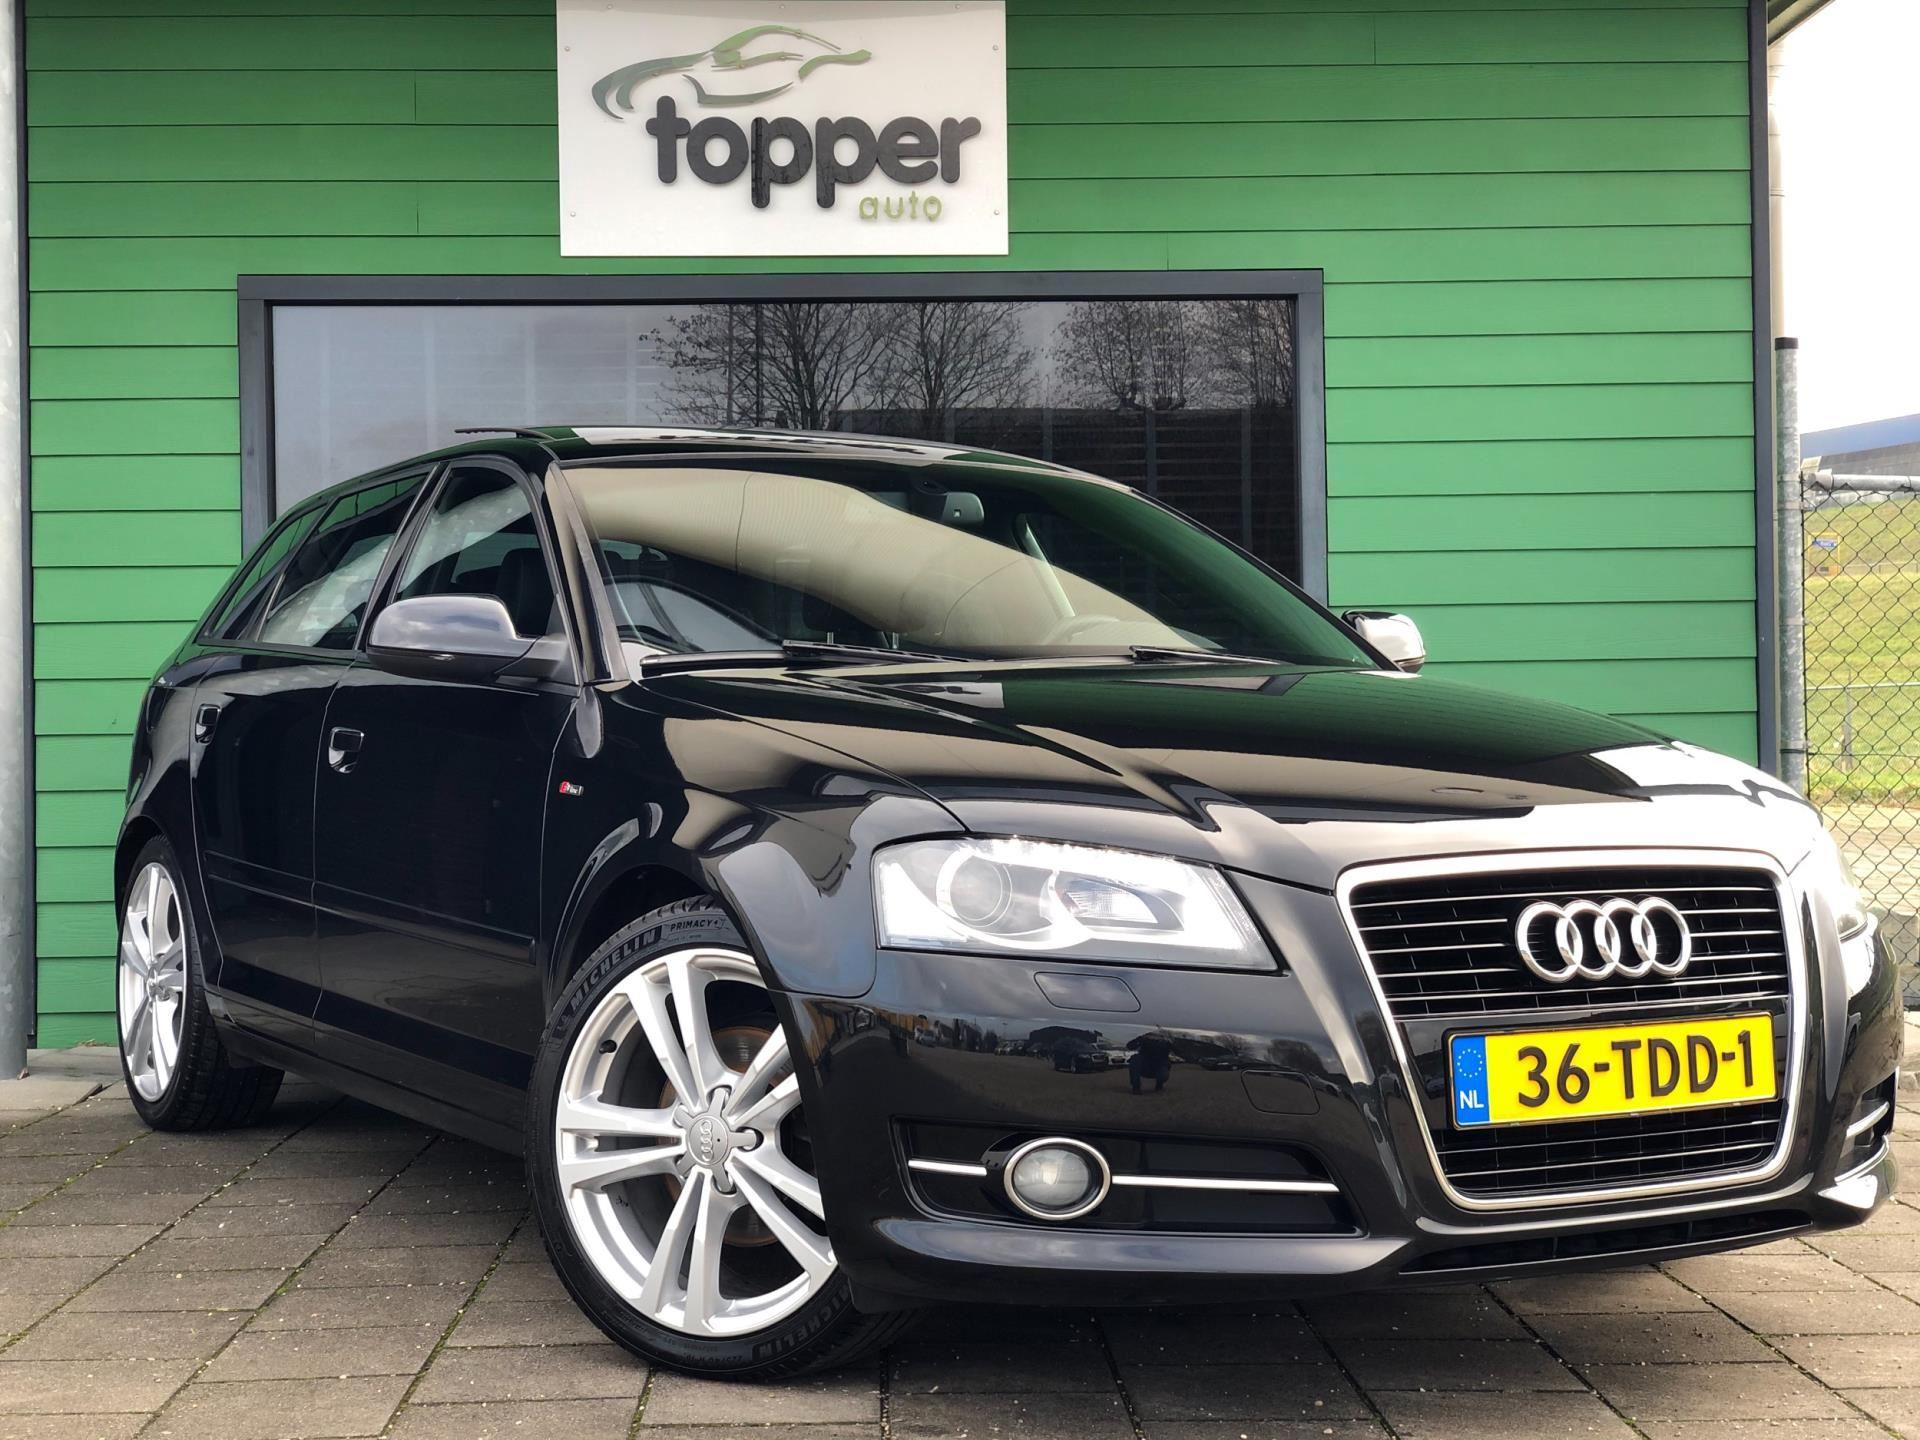 Audi A3 Sportback occasion - Topper Auto